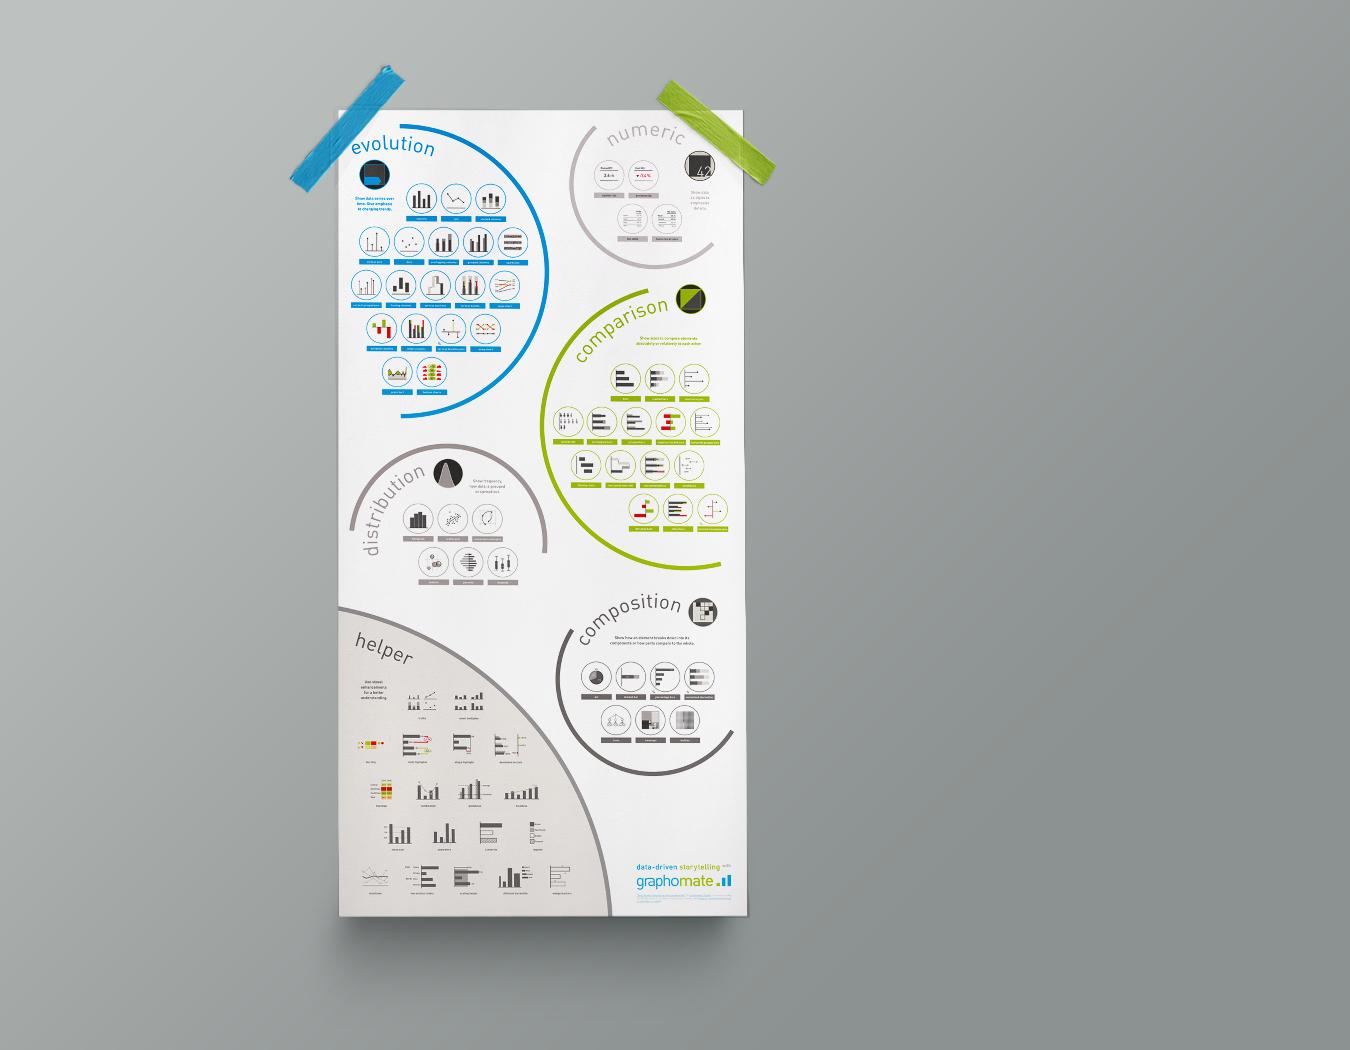 Diagrammtypen - eine Übersicht für die graphomate GmbH